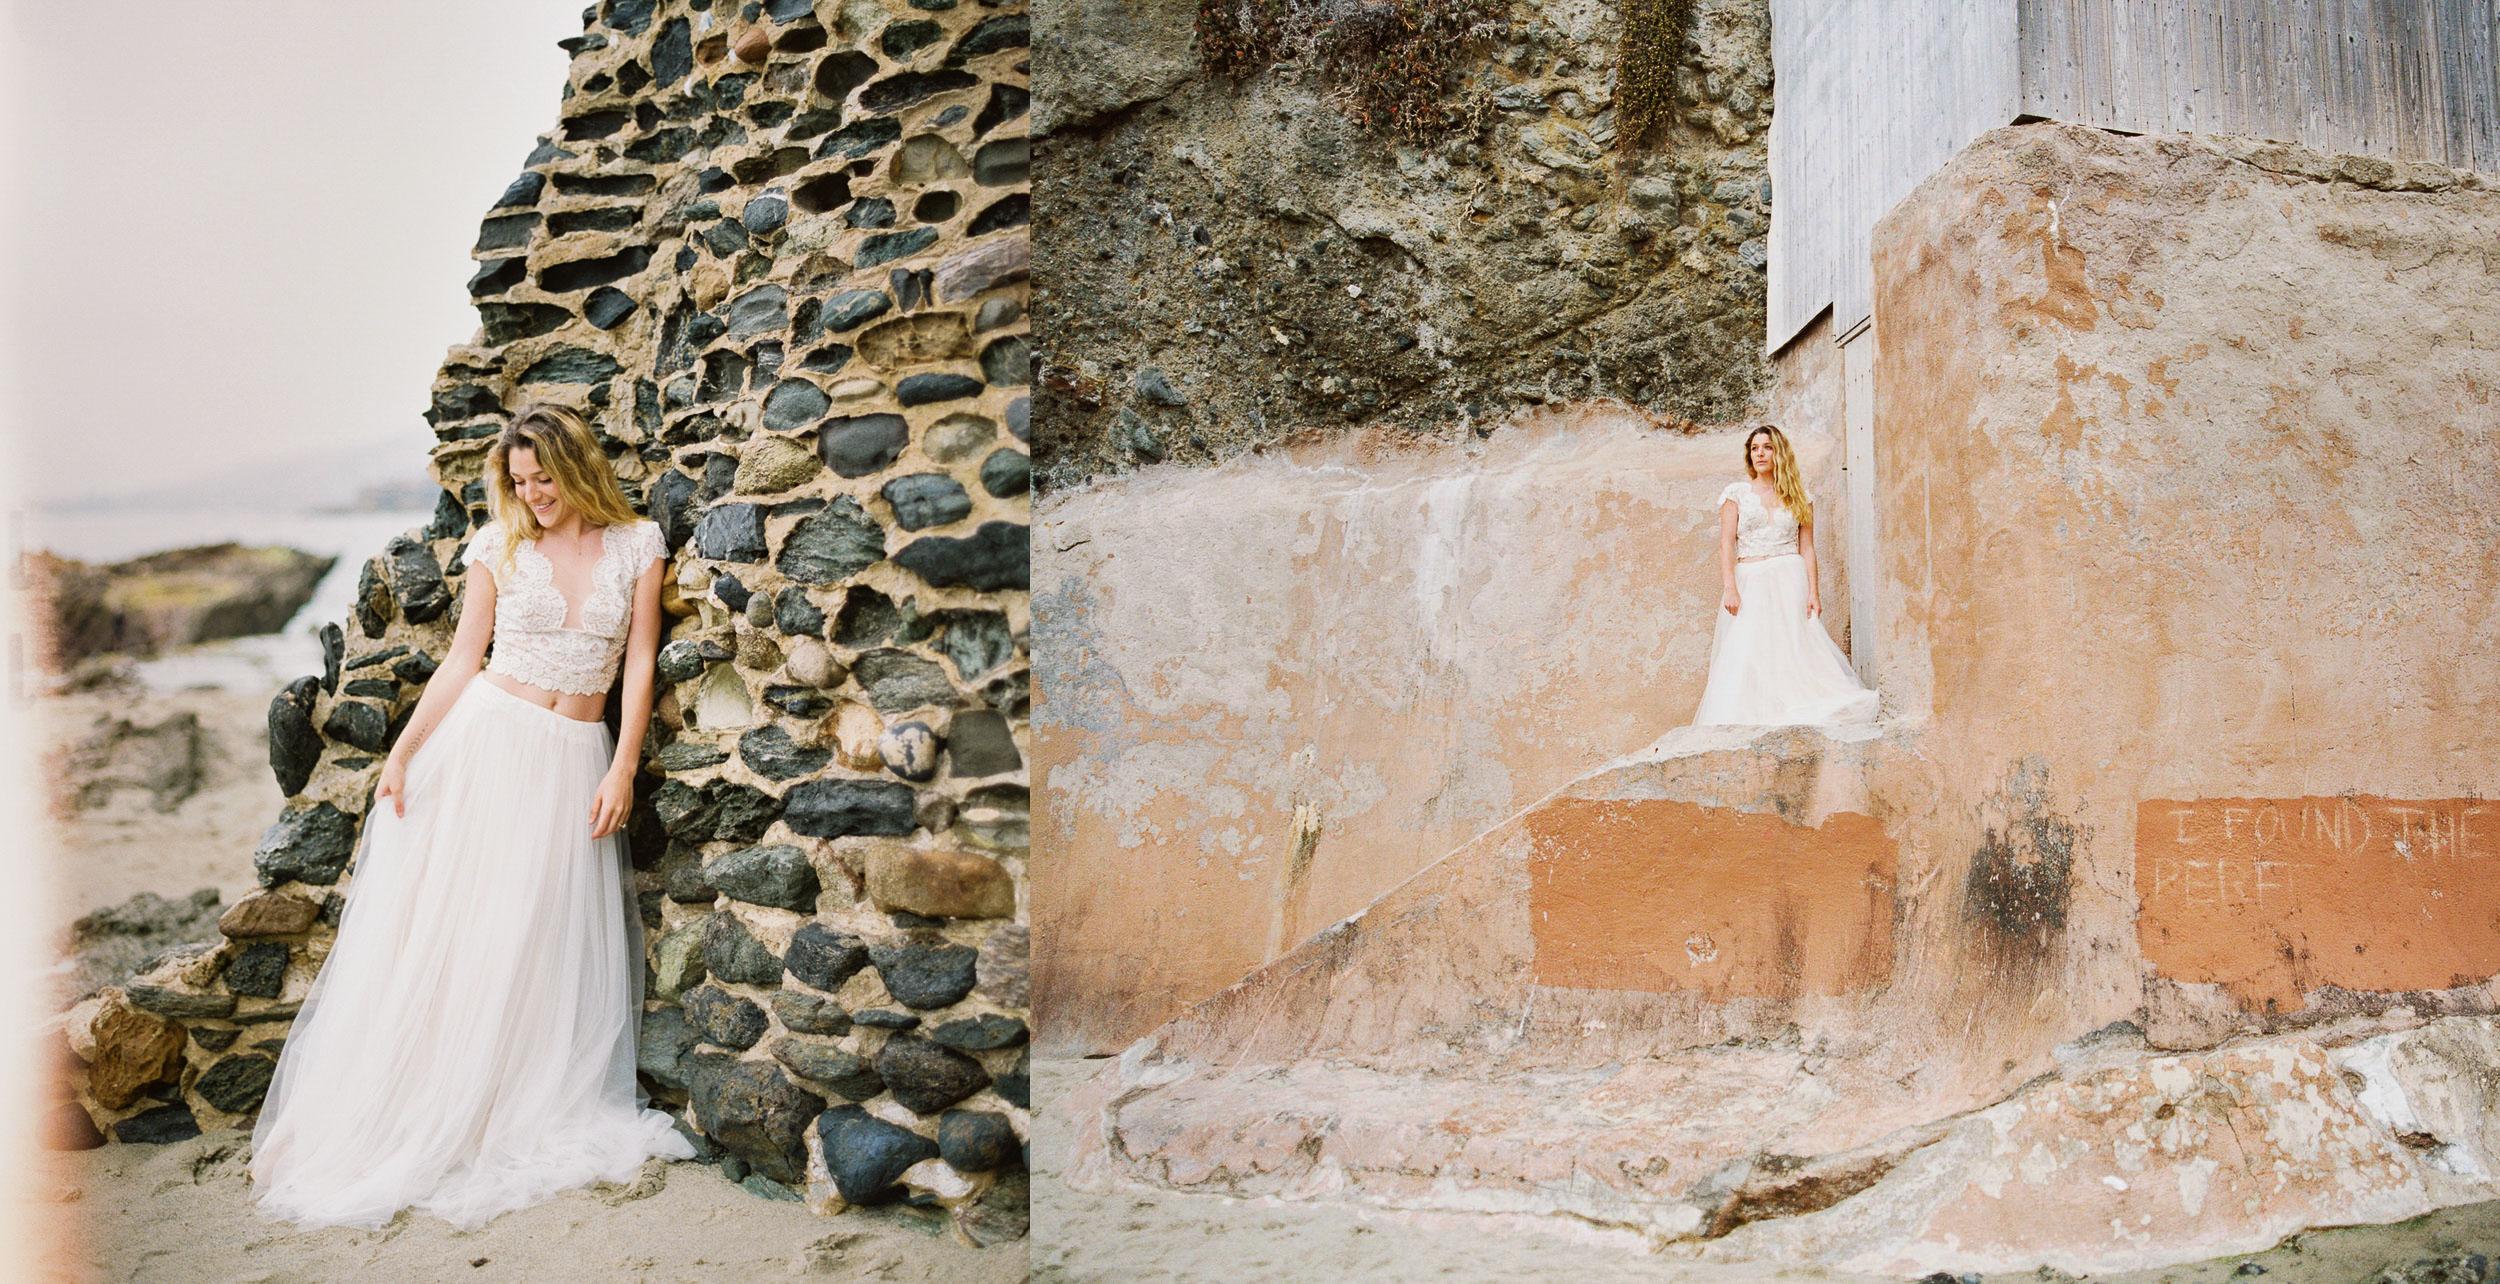 06_destination+worldwide+elopement+wedding+film+photographer+cinematographer_.jpg